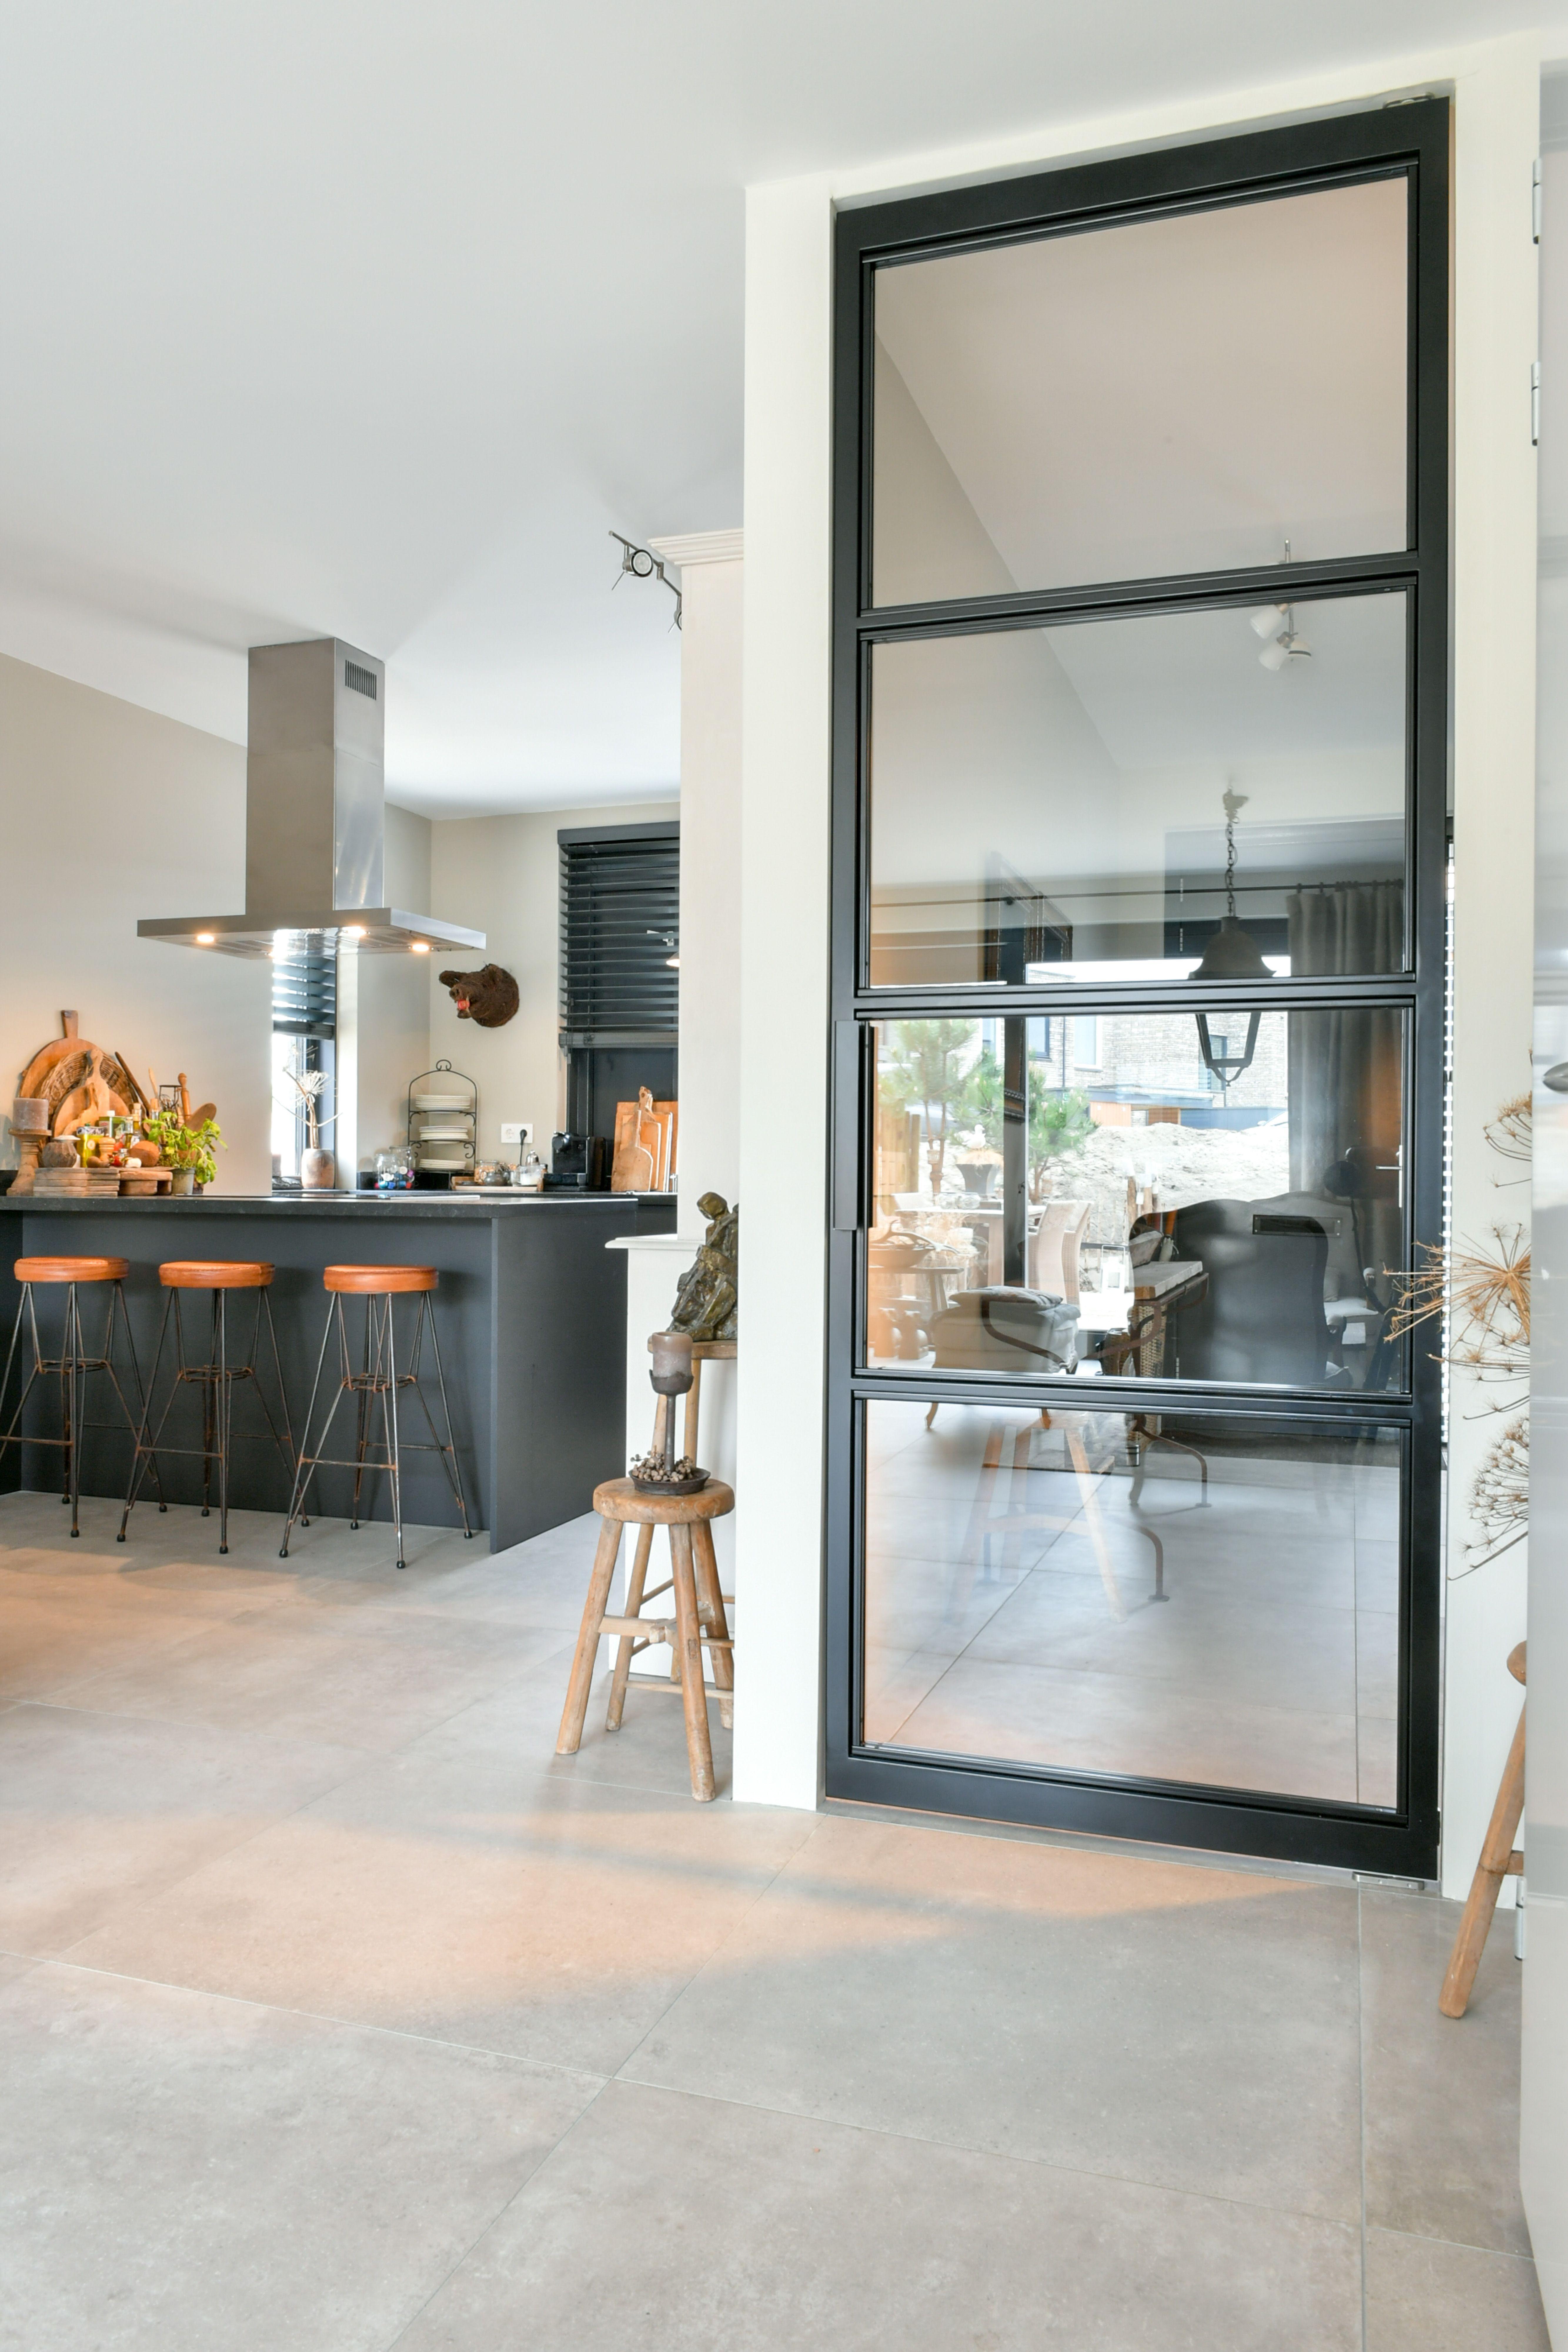 Pin van K.Heijligers op deur | Pinterest - Deuren, Keuken en Huiskamer